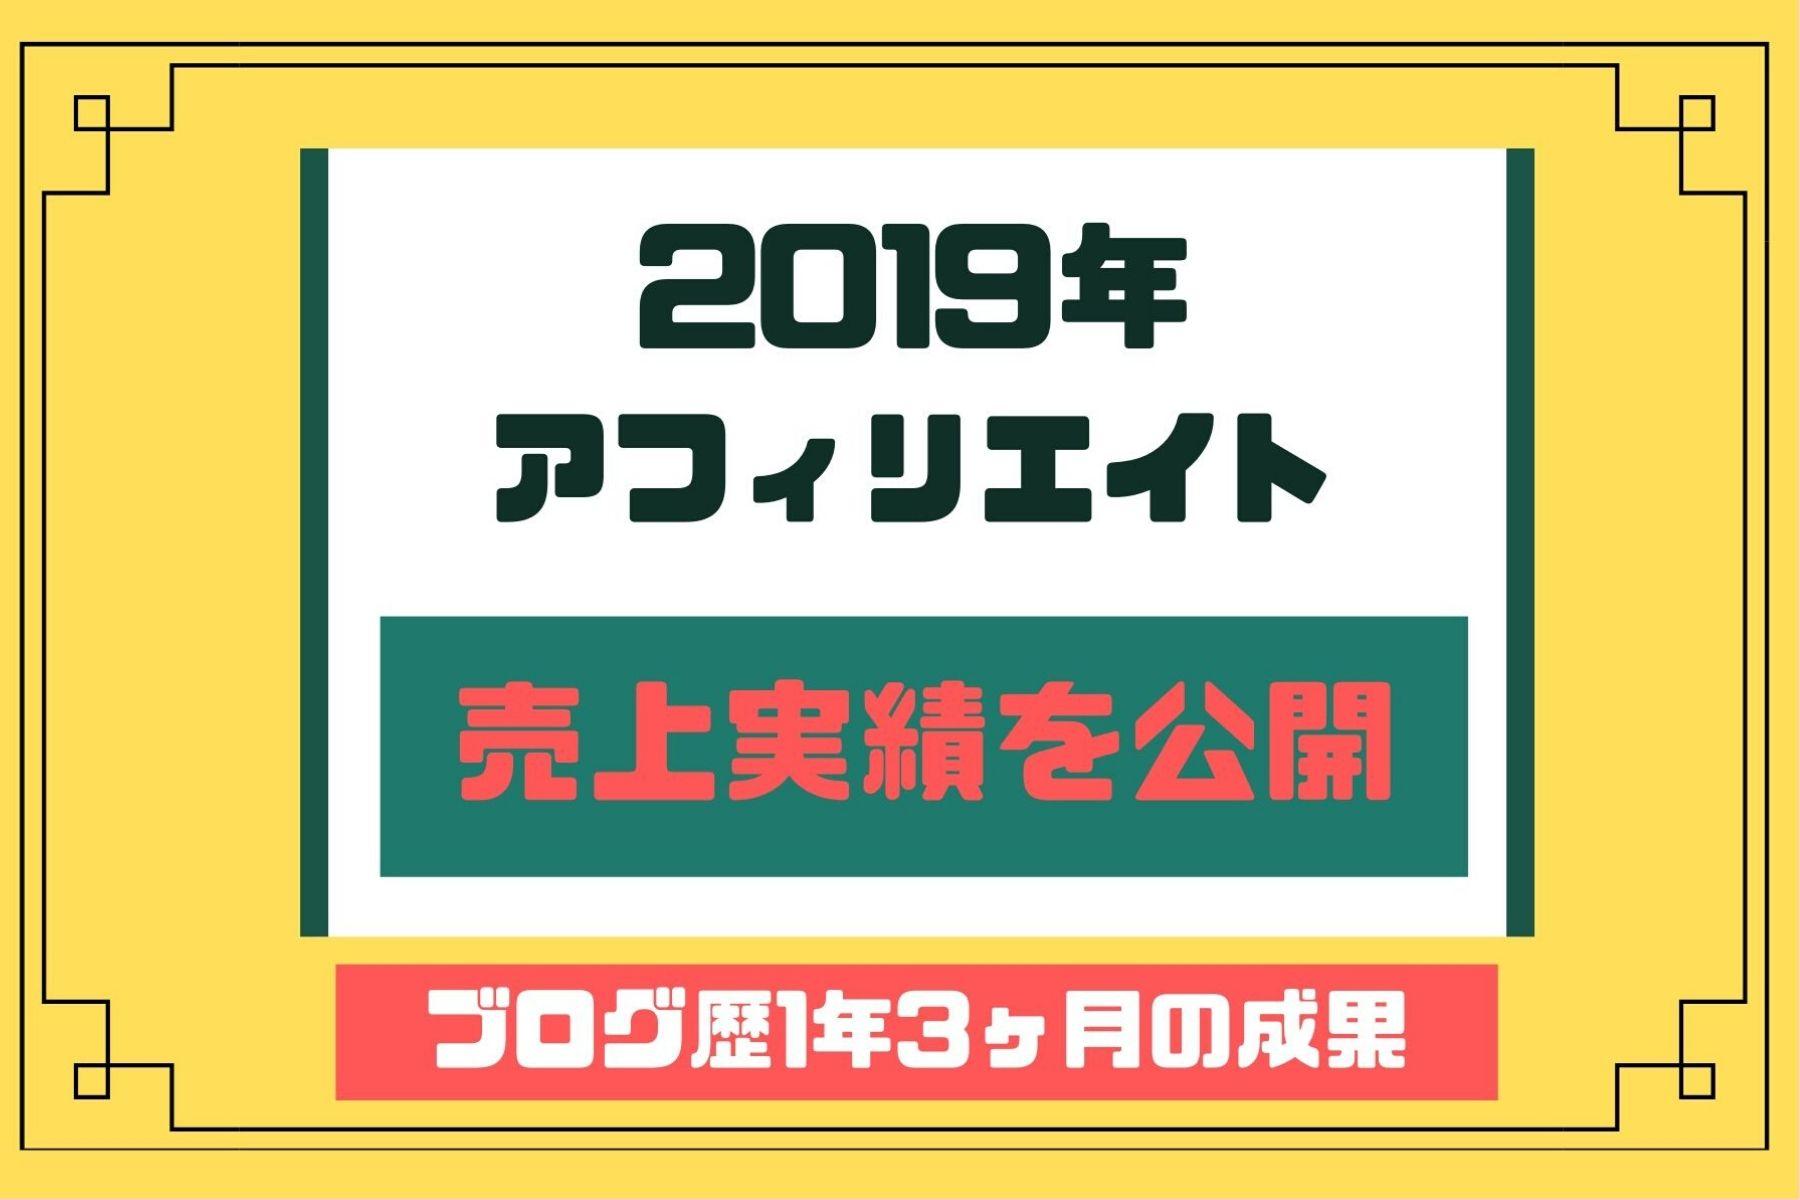 2019年アフィリエイト売上実績を公開【ブログ歴1年3ヶ月の成果】